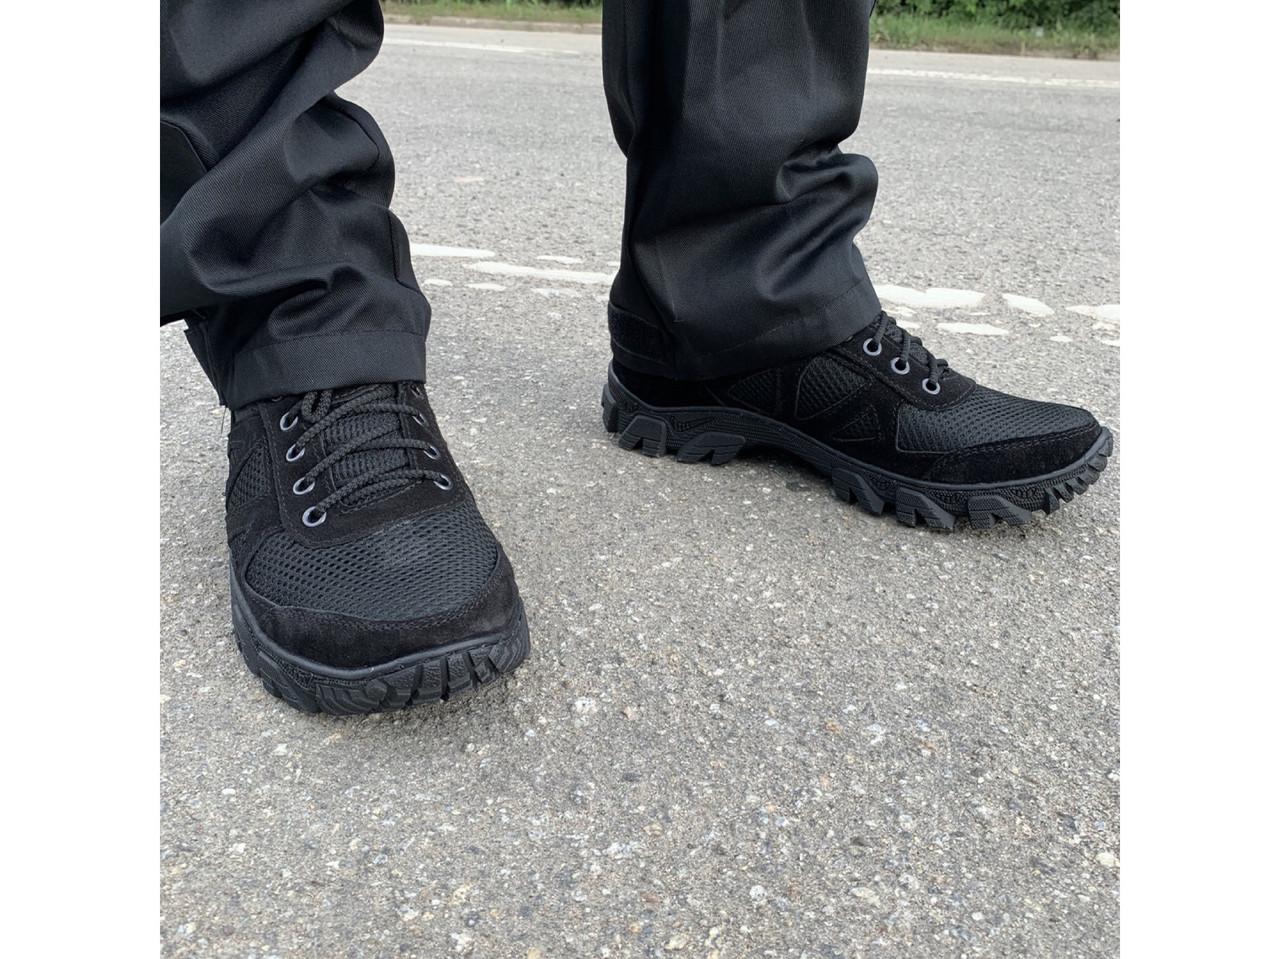 Кросівки Армос чорні енерджі